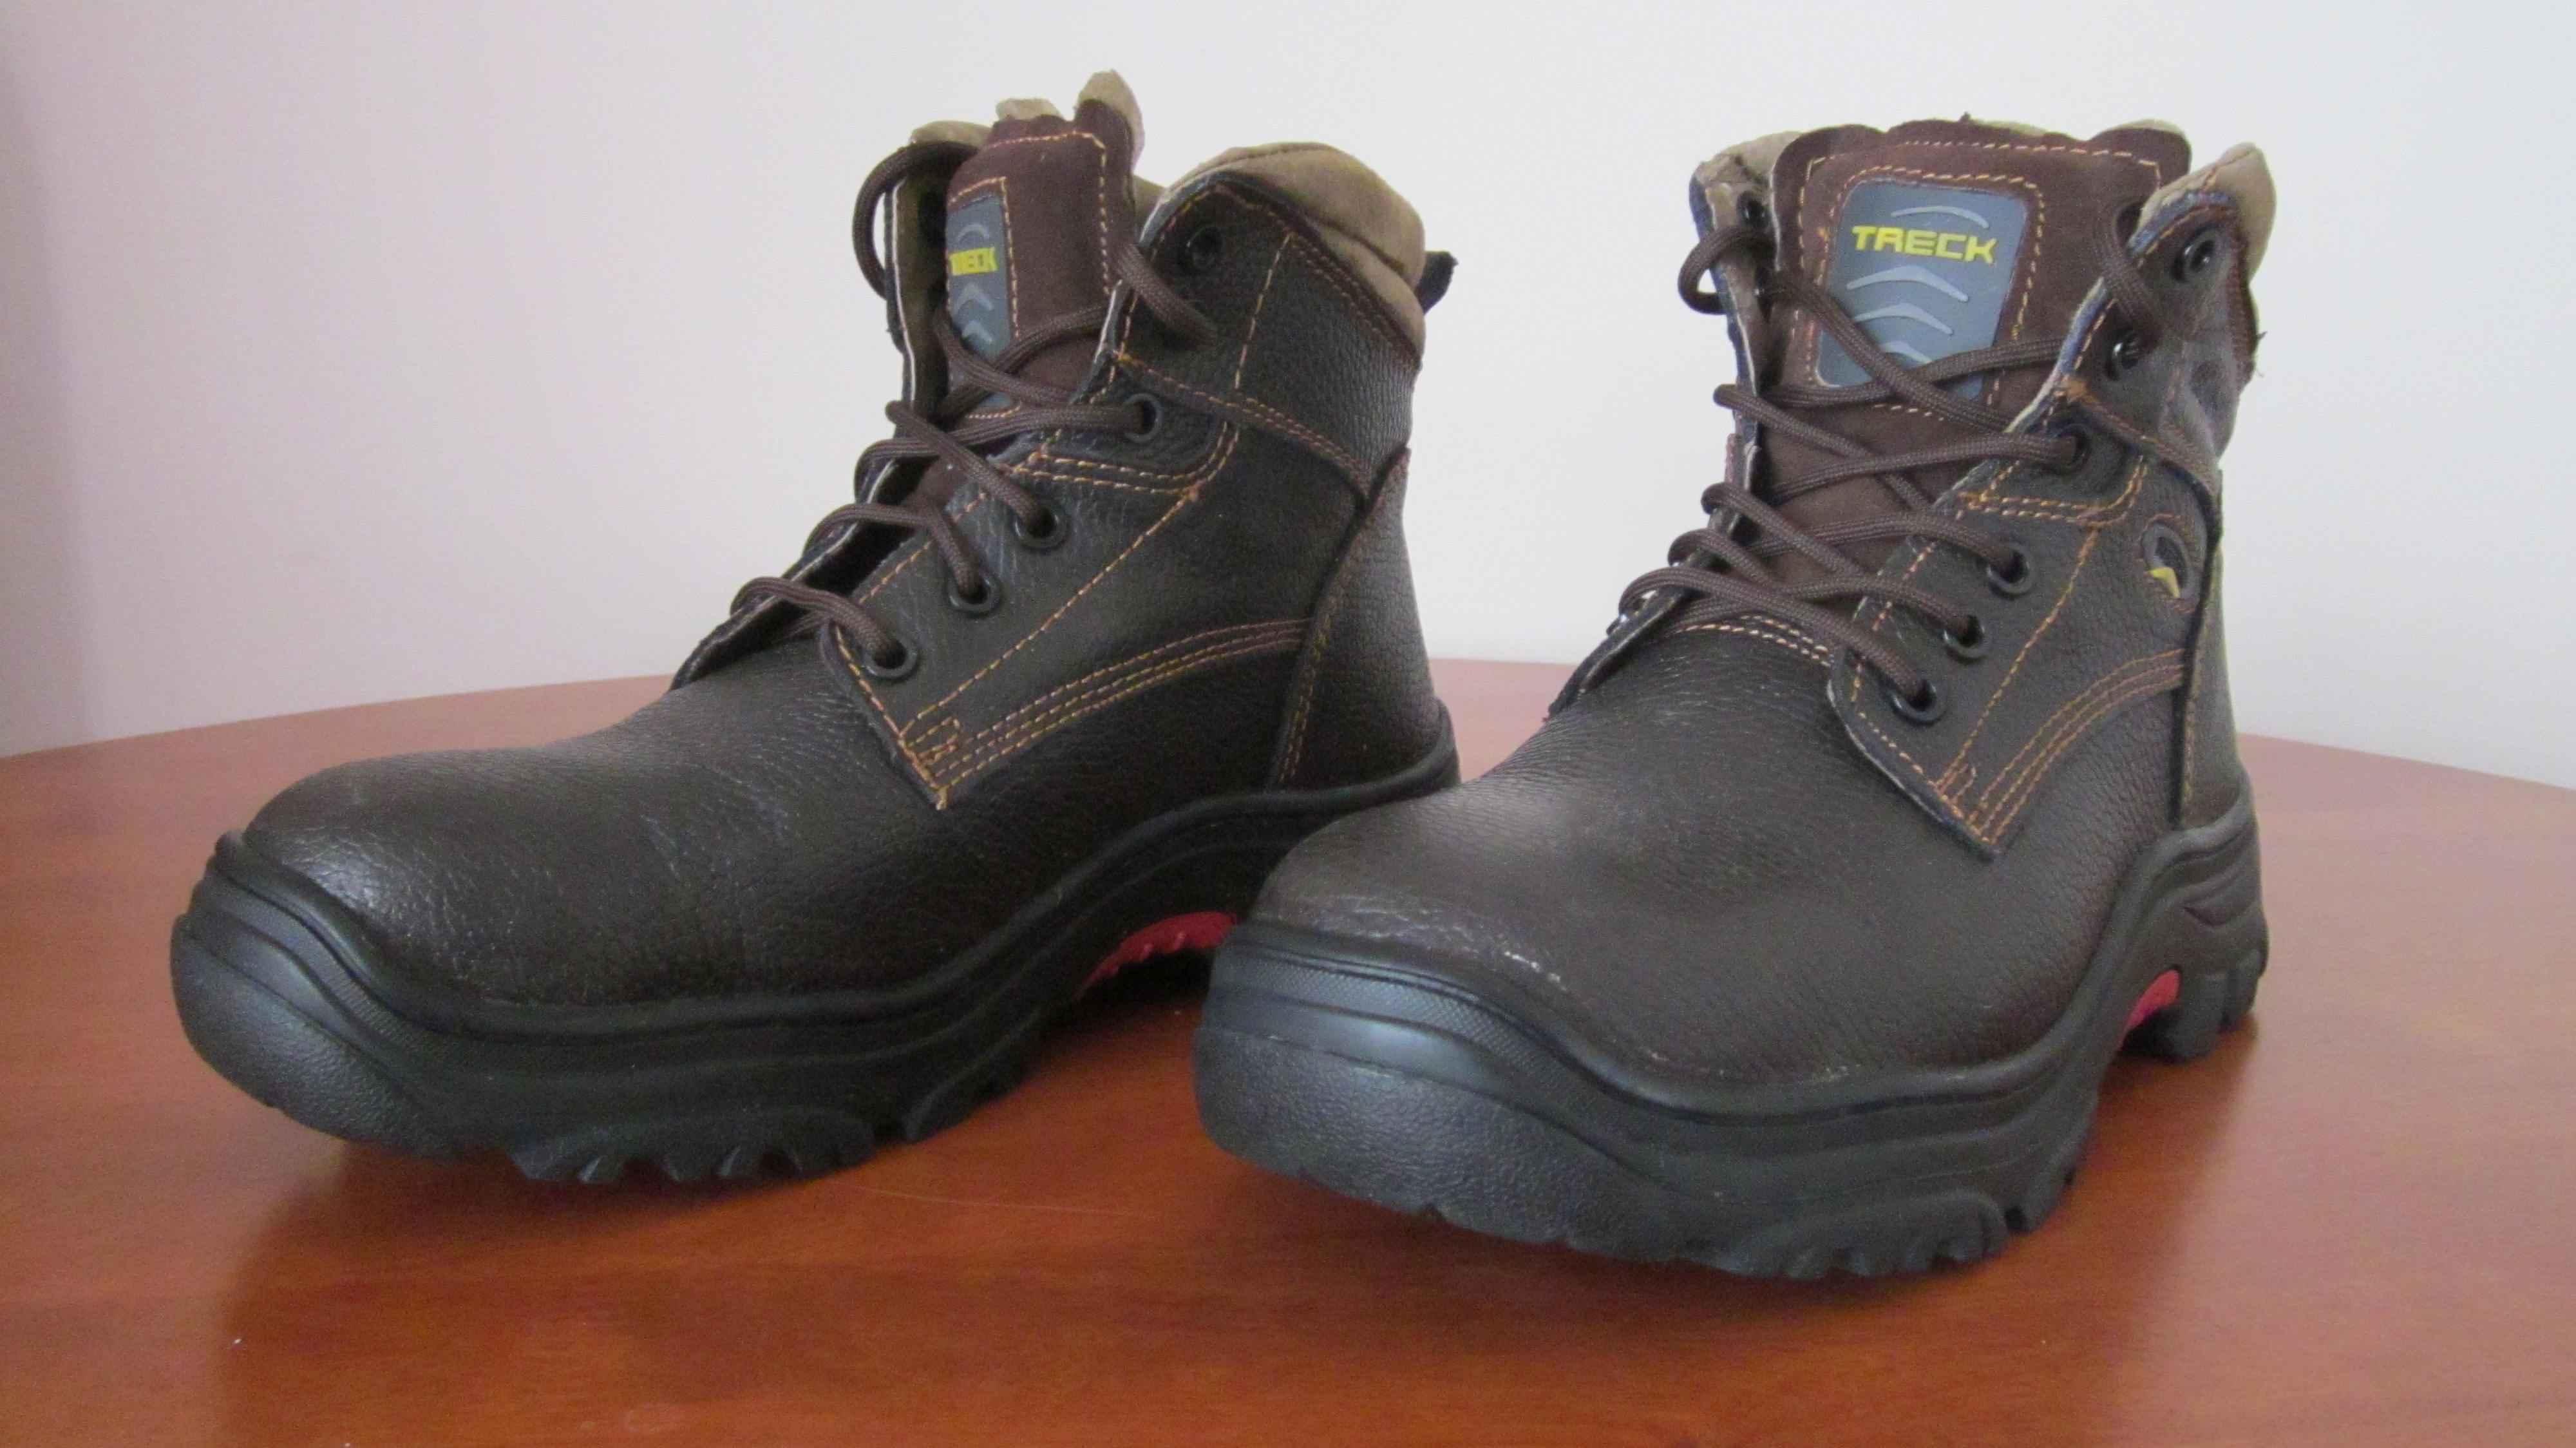 Zapatos de seguridad treck nuevos avisos - Calzados de seguridad ...